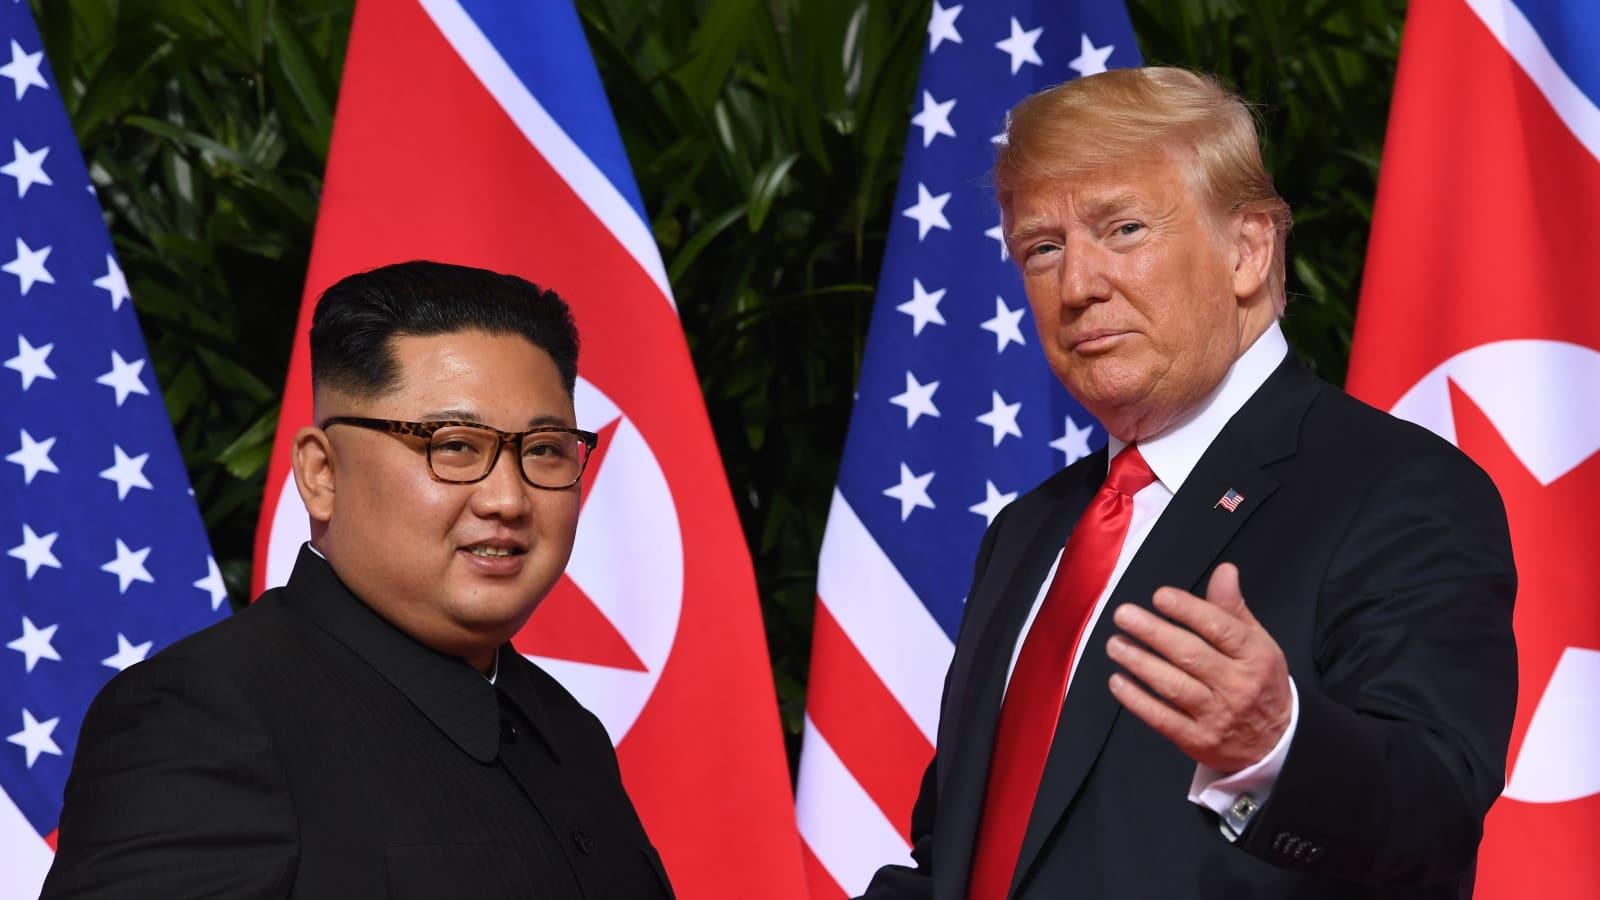 North Korea Leader Kim Jong Un Prepares For Summit With Trump